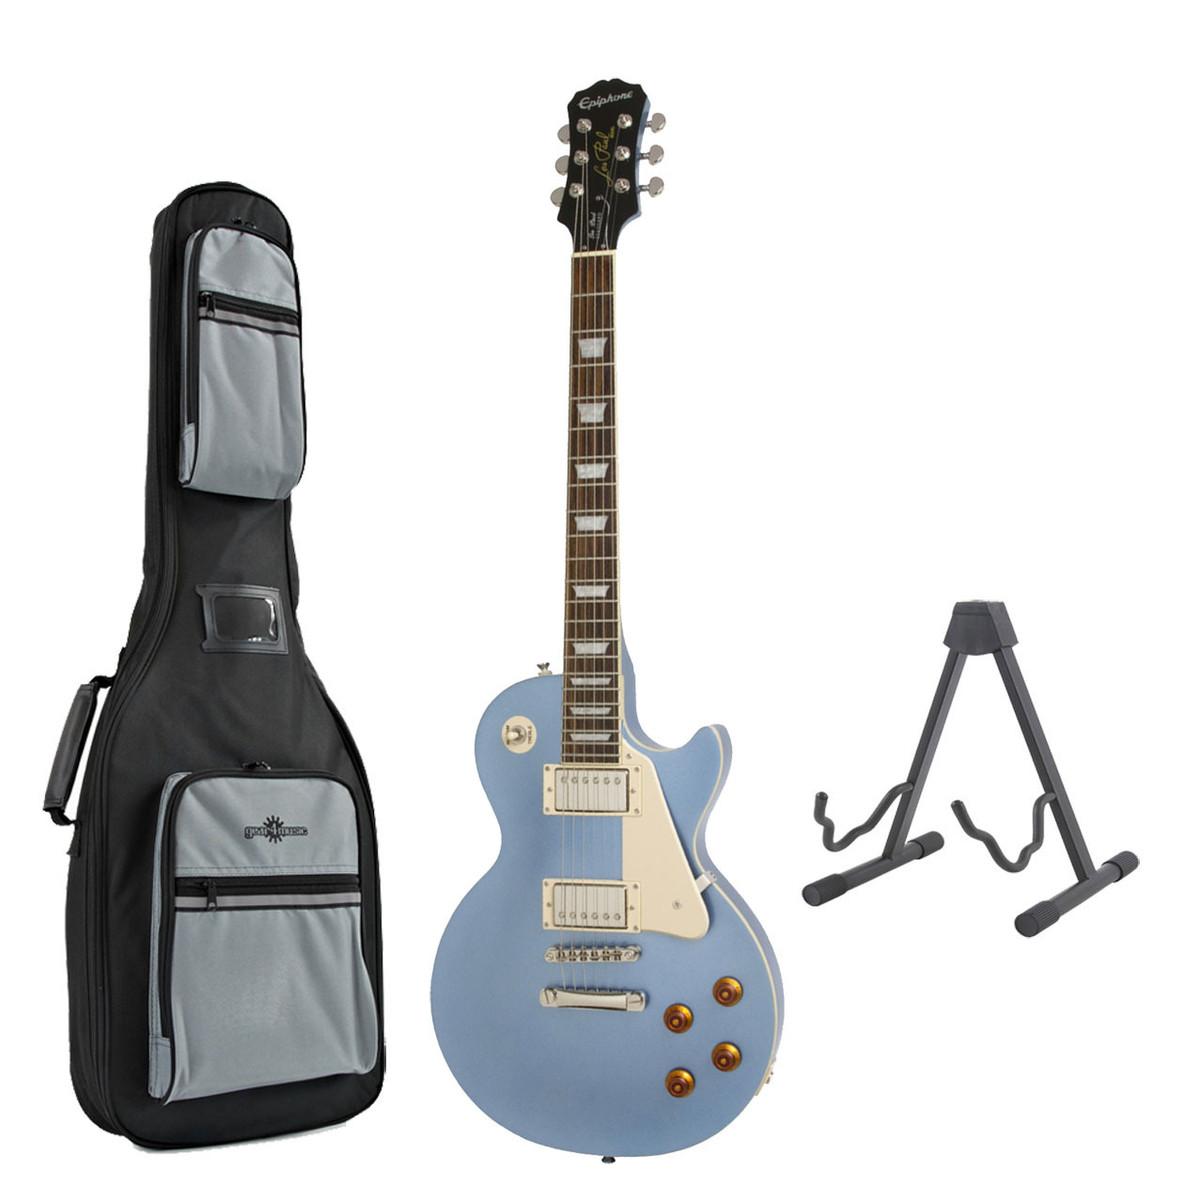 Gibson 2015 Midtown Standard Electric Guitar Pelham Blue